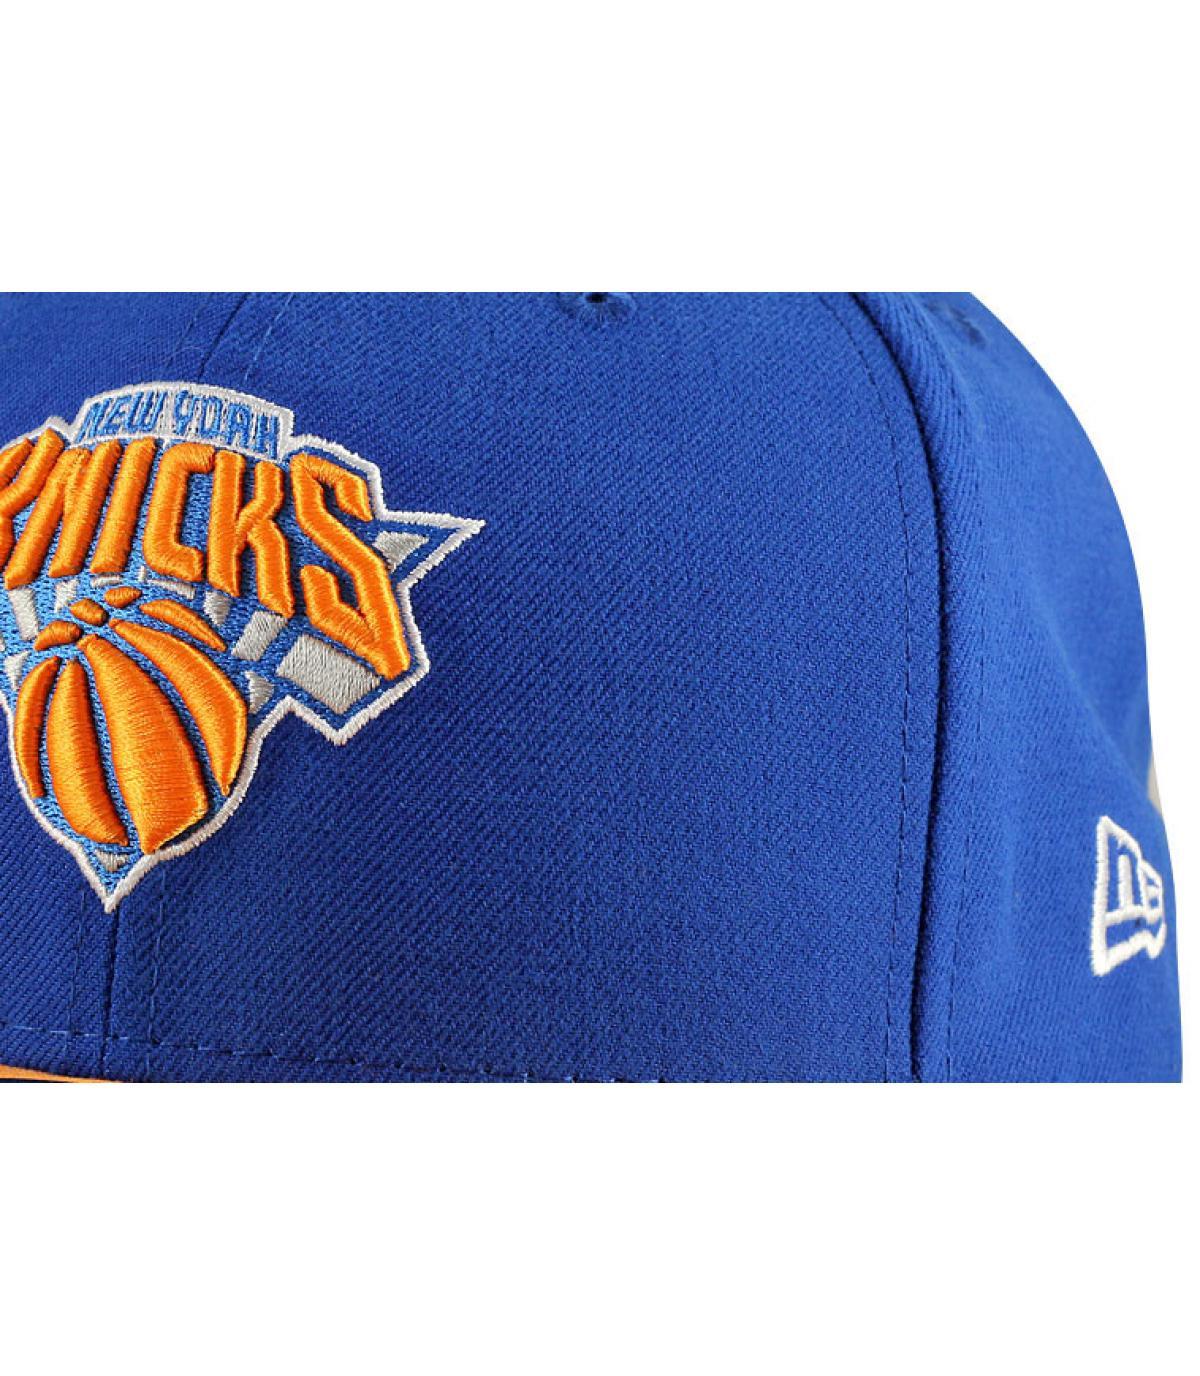 Détails Casquette Knicks 59fifty bleue - image 2